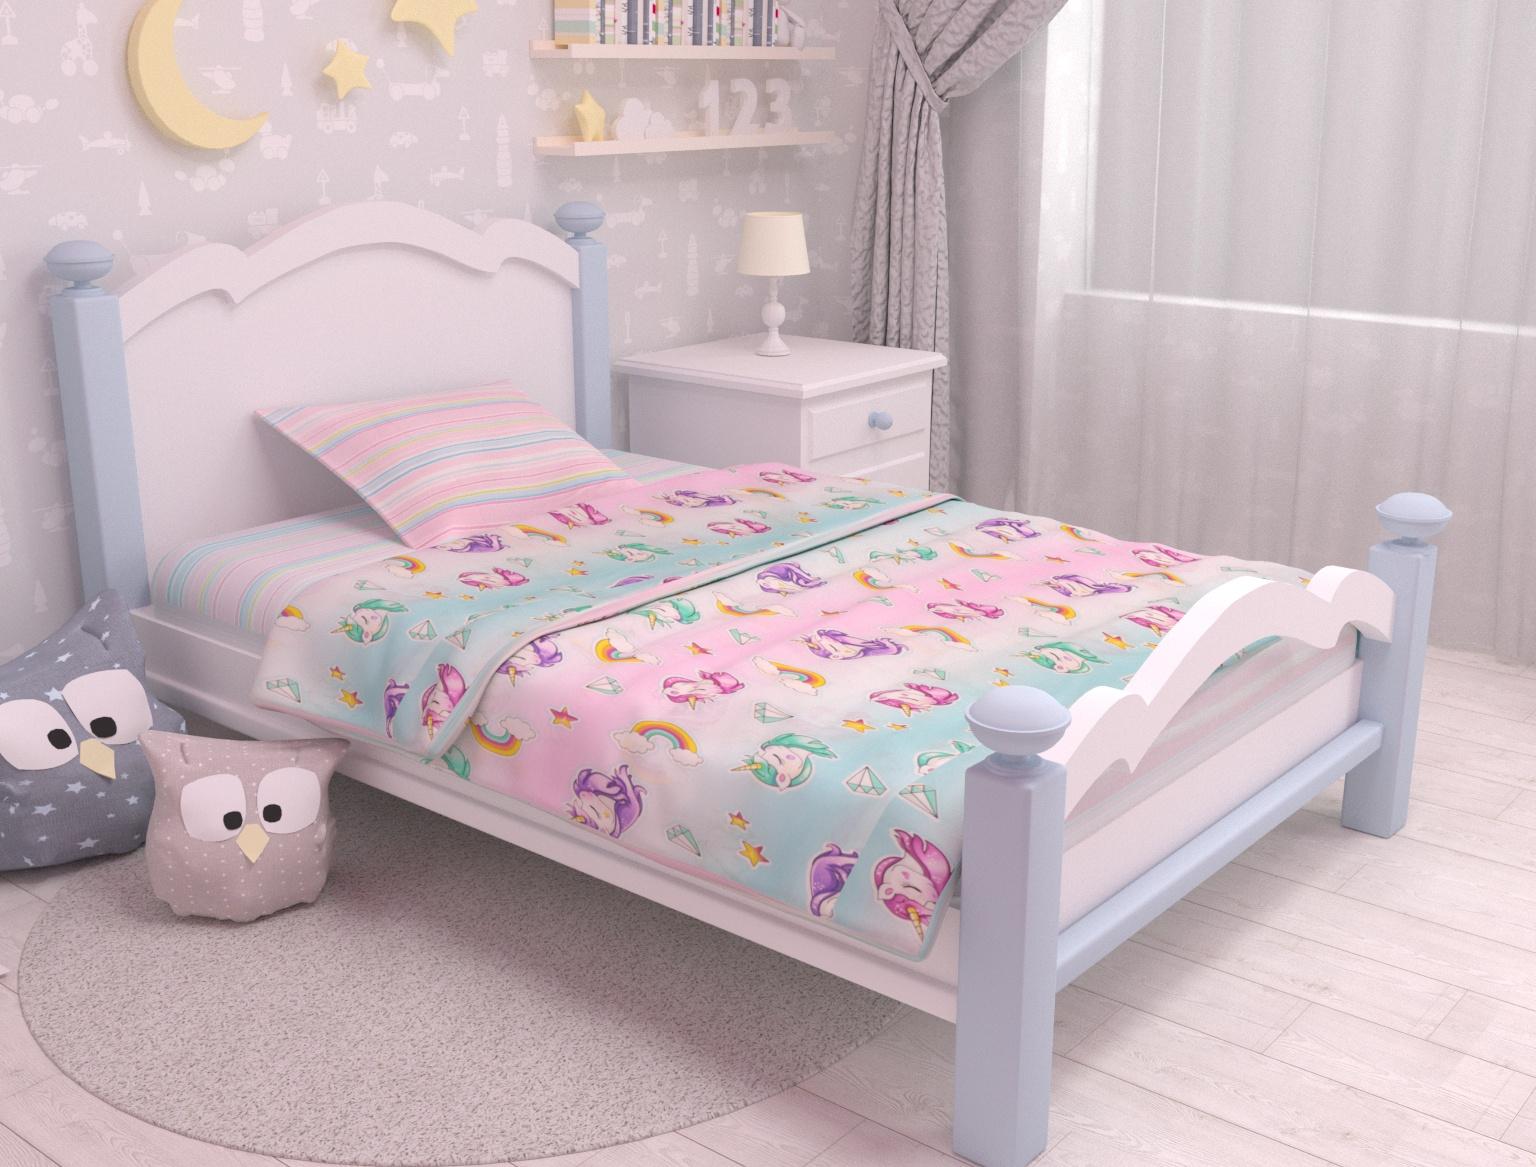 цена Постельное белье Зона сна голубой,розовый 164-KPB701,5B-ZS Полутороспальный онлайн в 2017 году